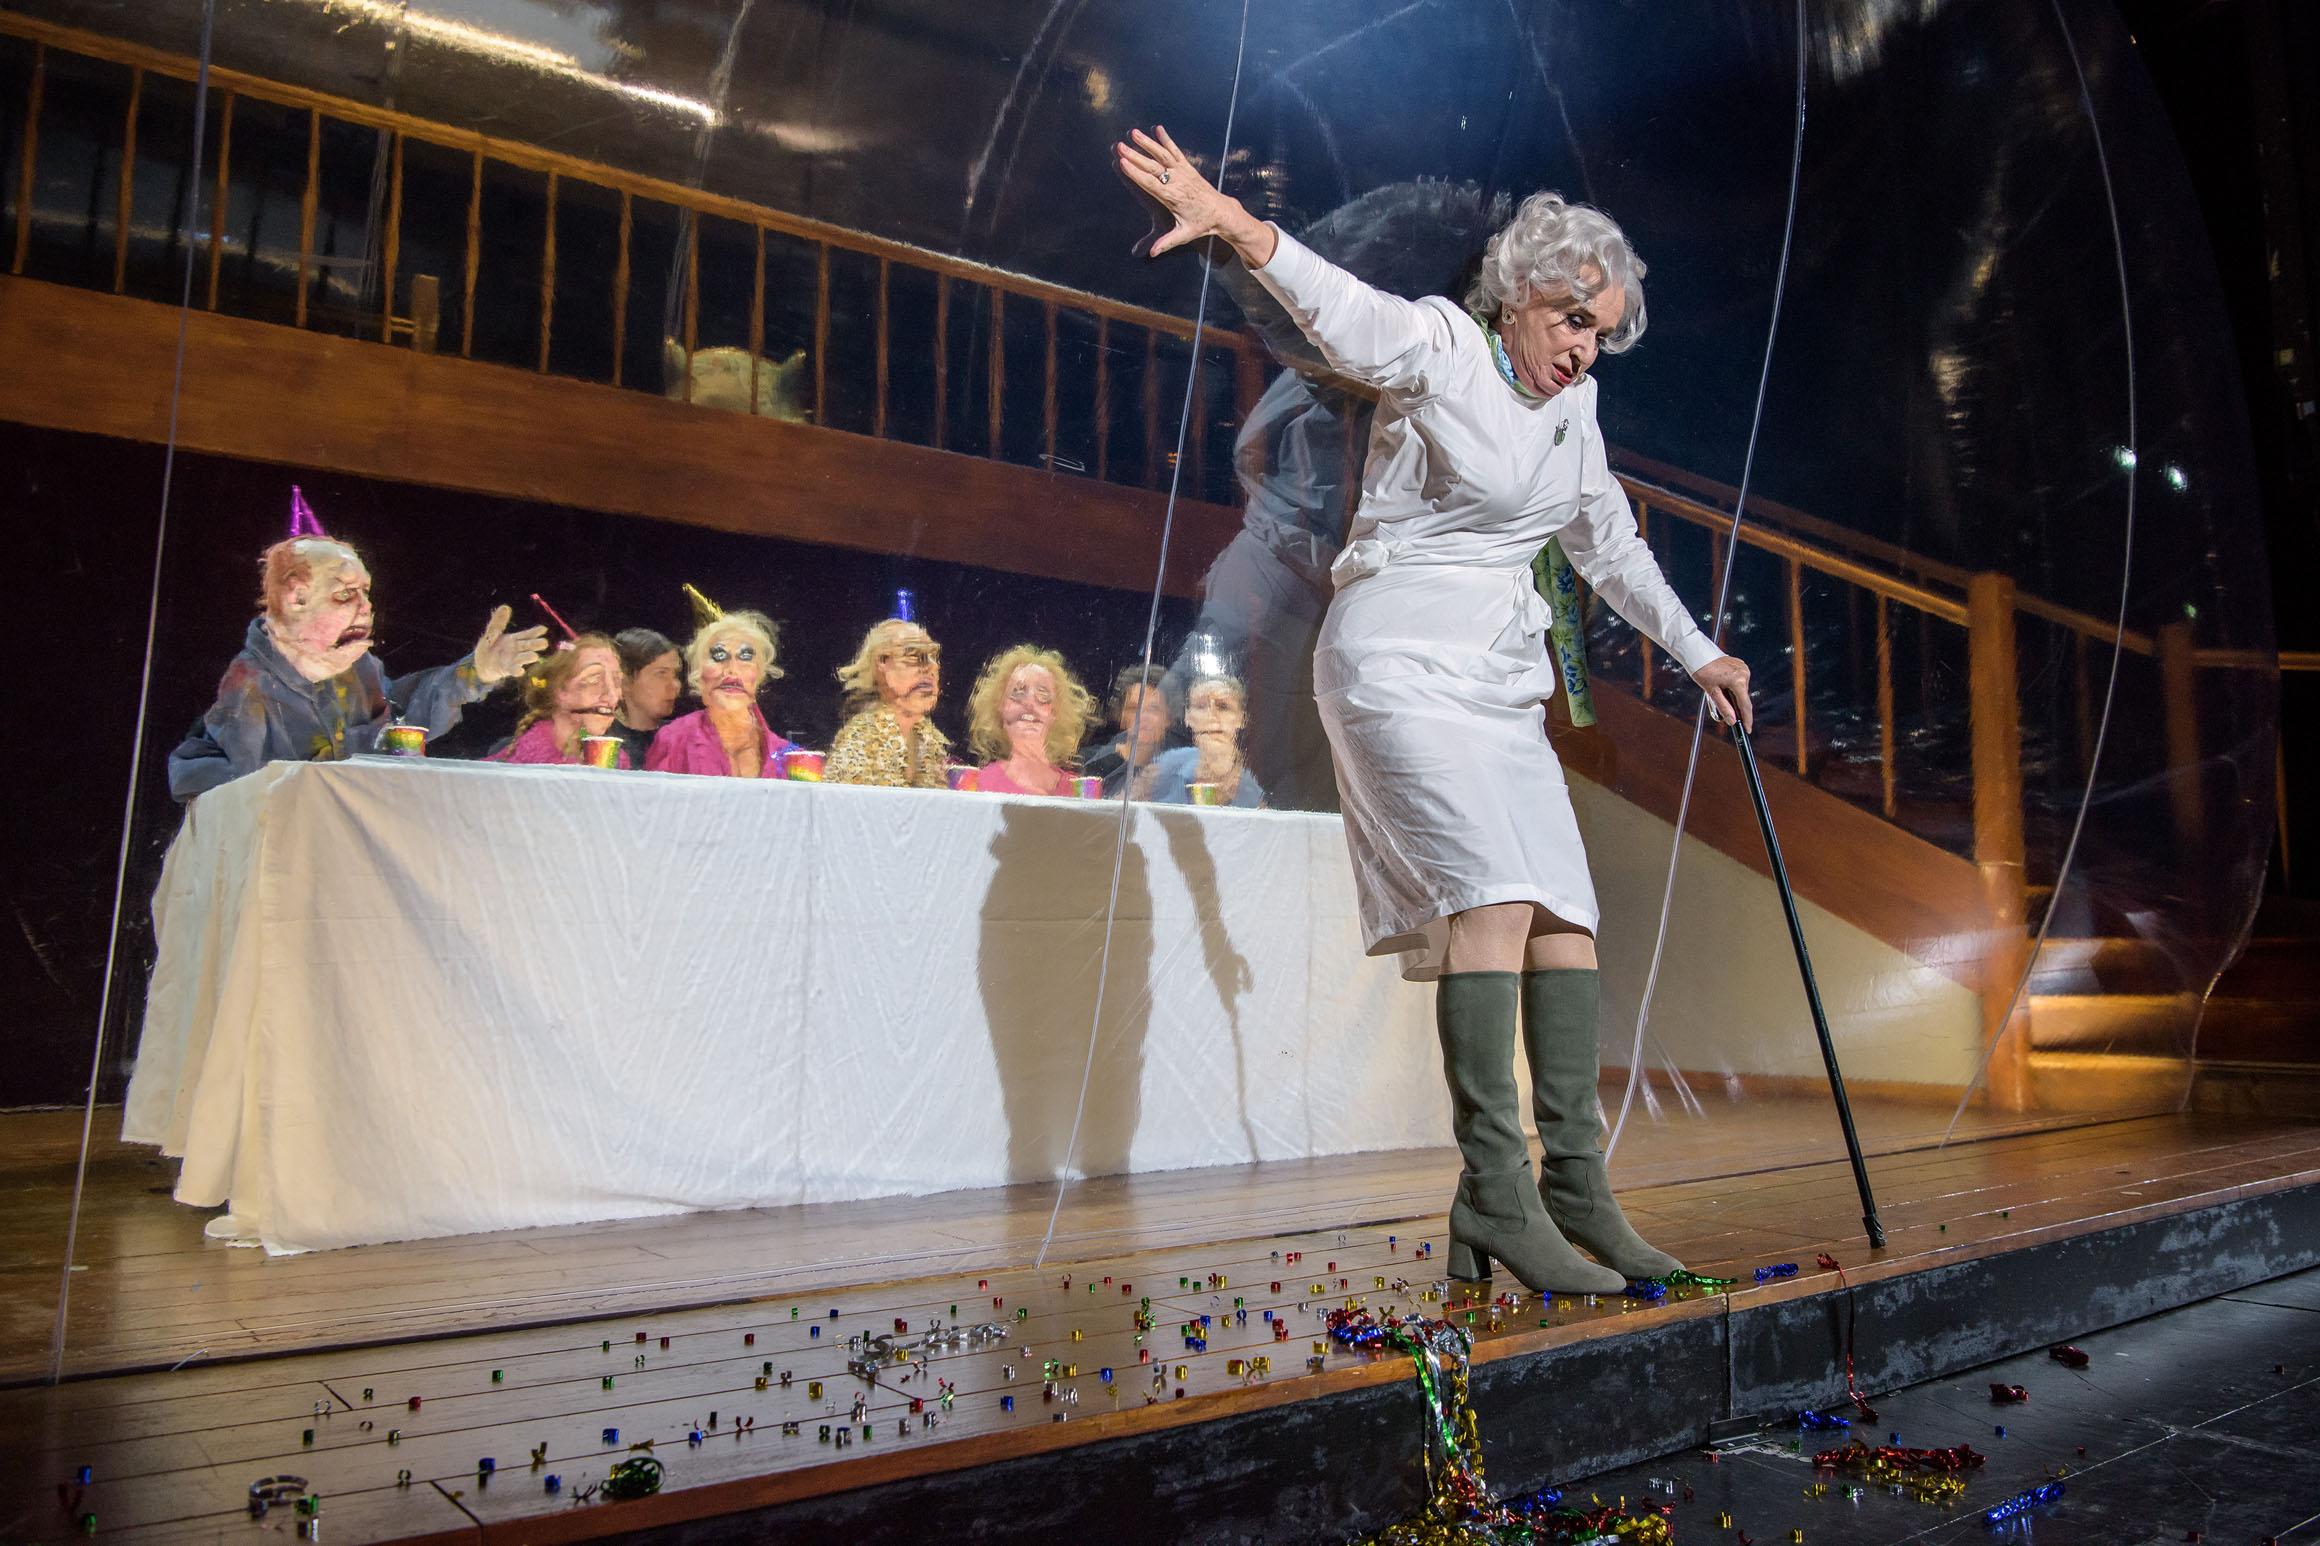 Frau Grollfeuer, die allmächtige Puppenspielerin